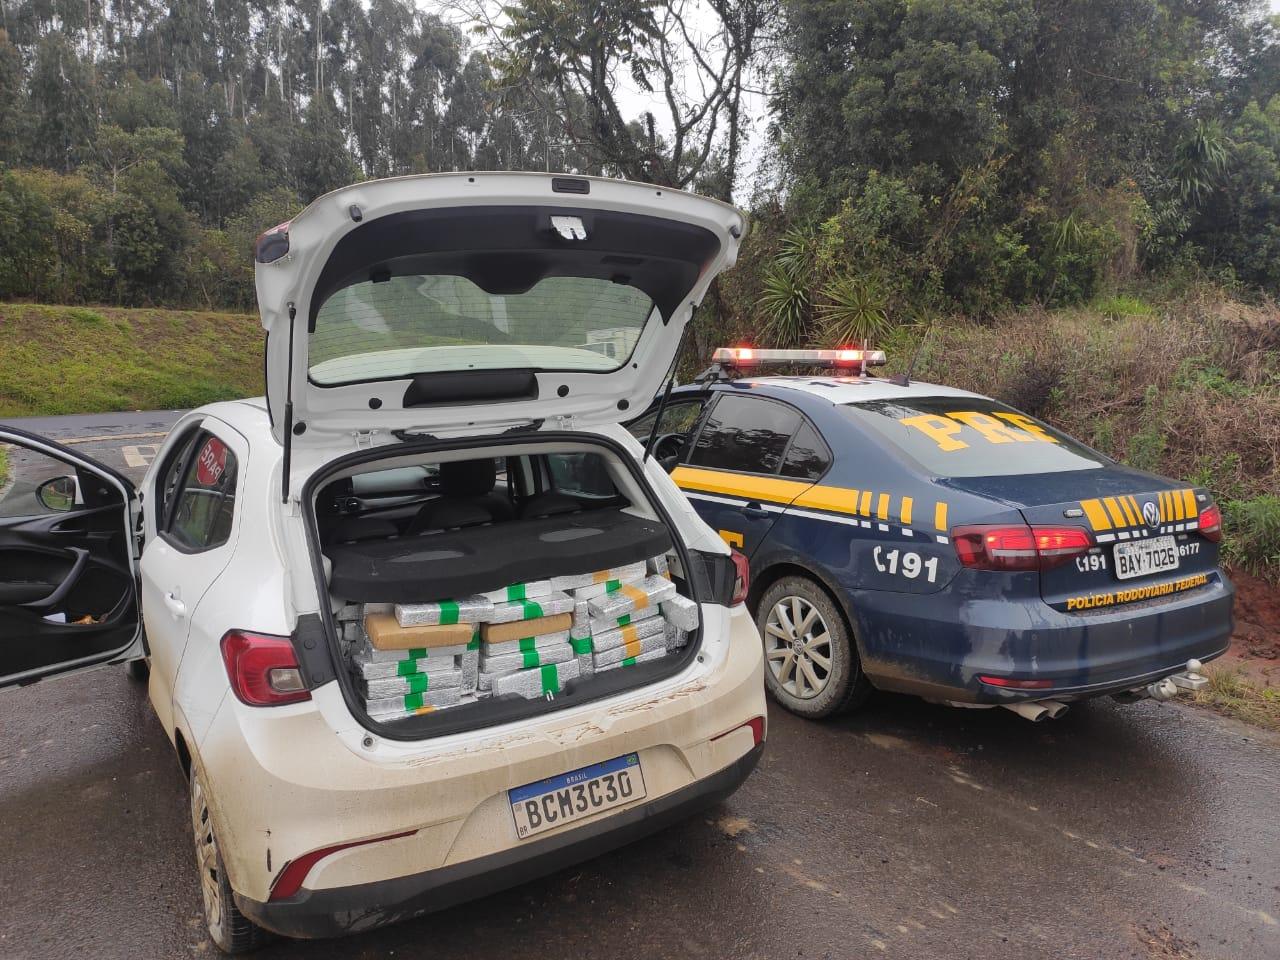 Homem que transportava 297 quilos de maconha e fugiu após colisão, foi preso em posto de combustível